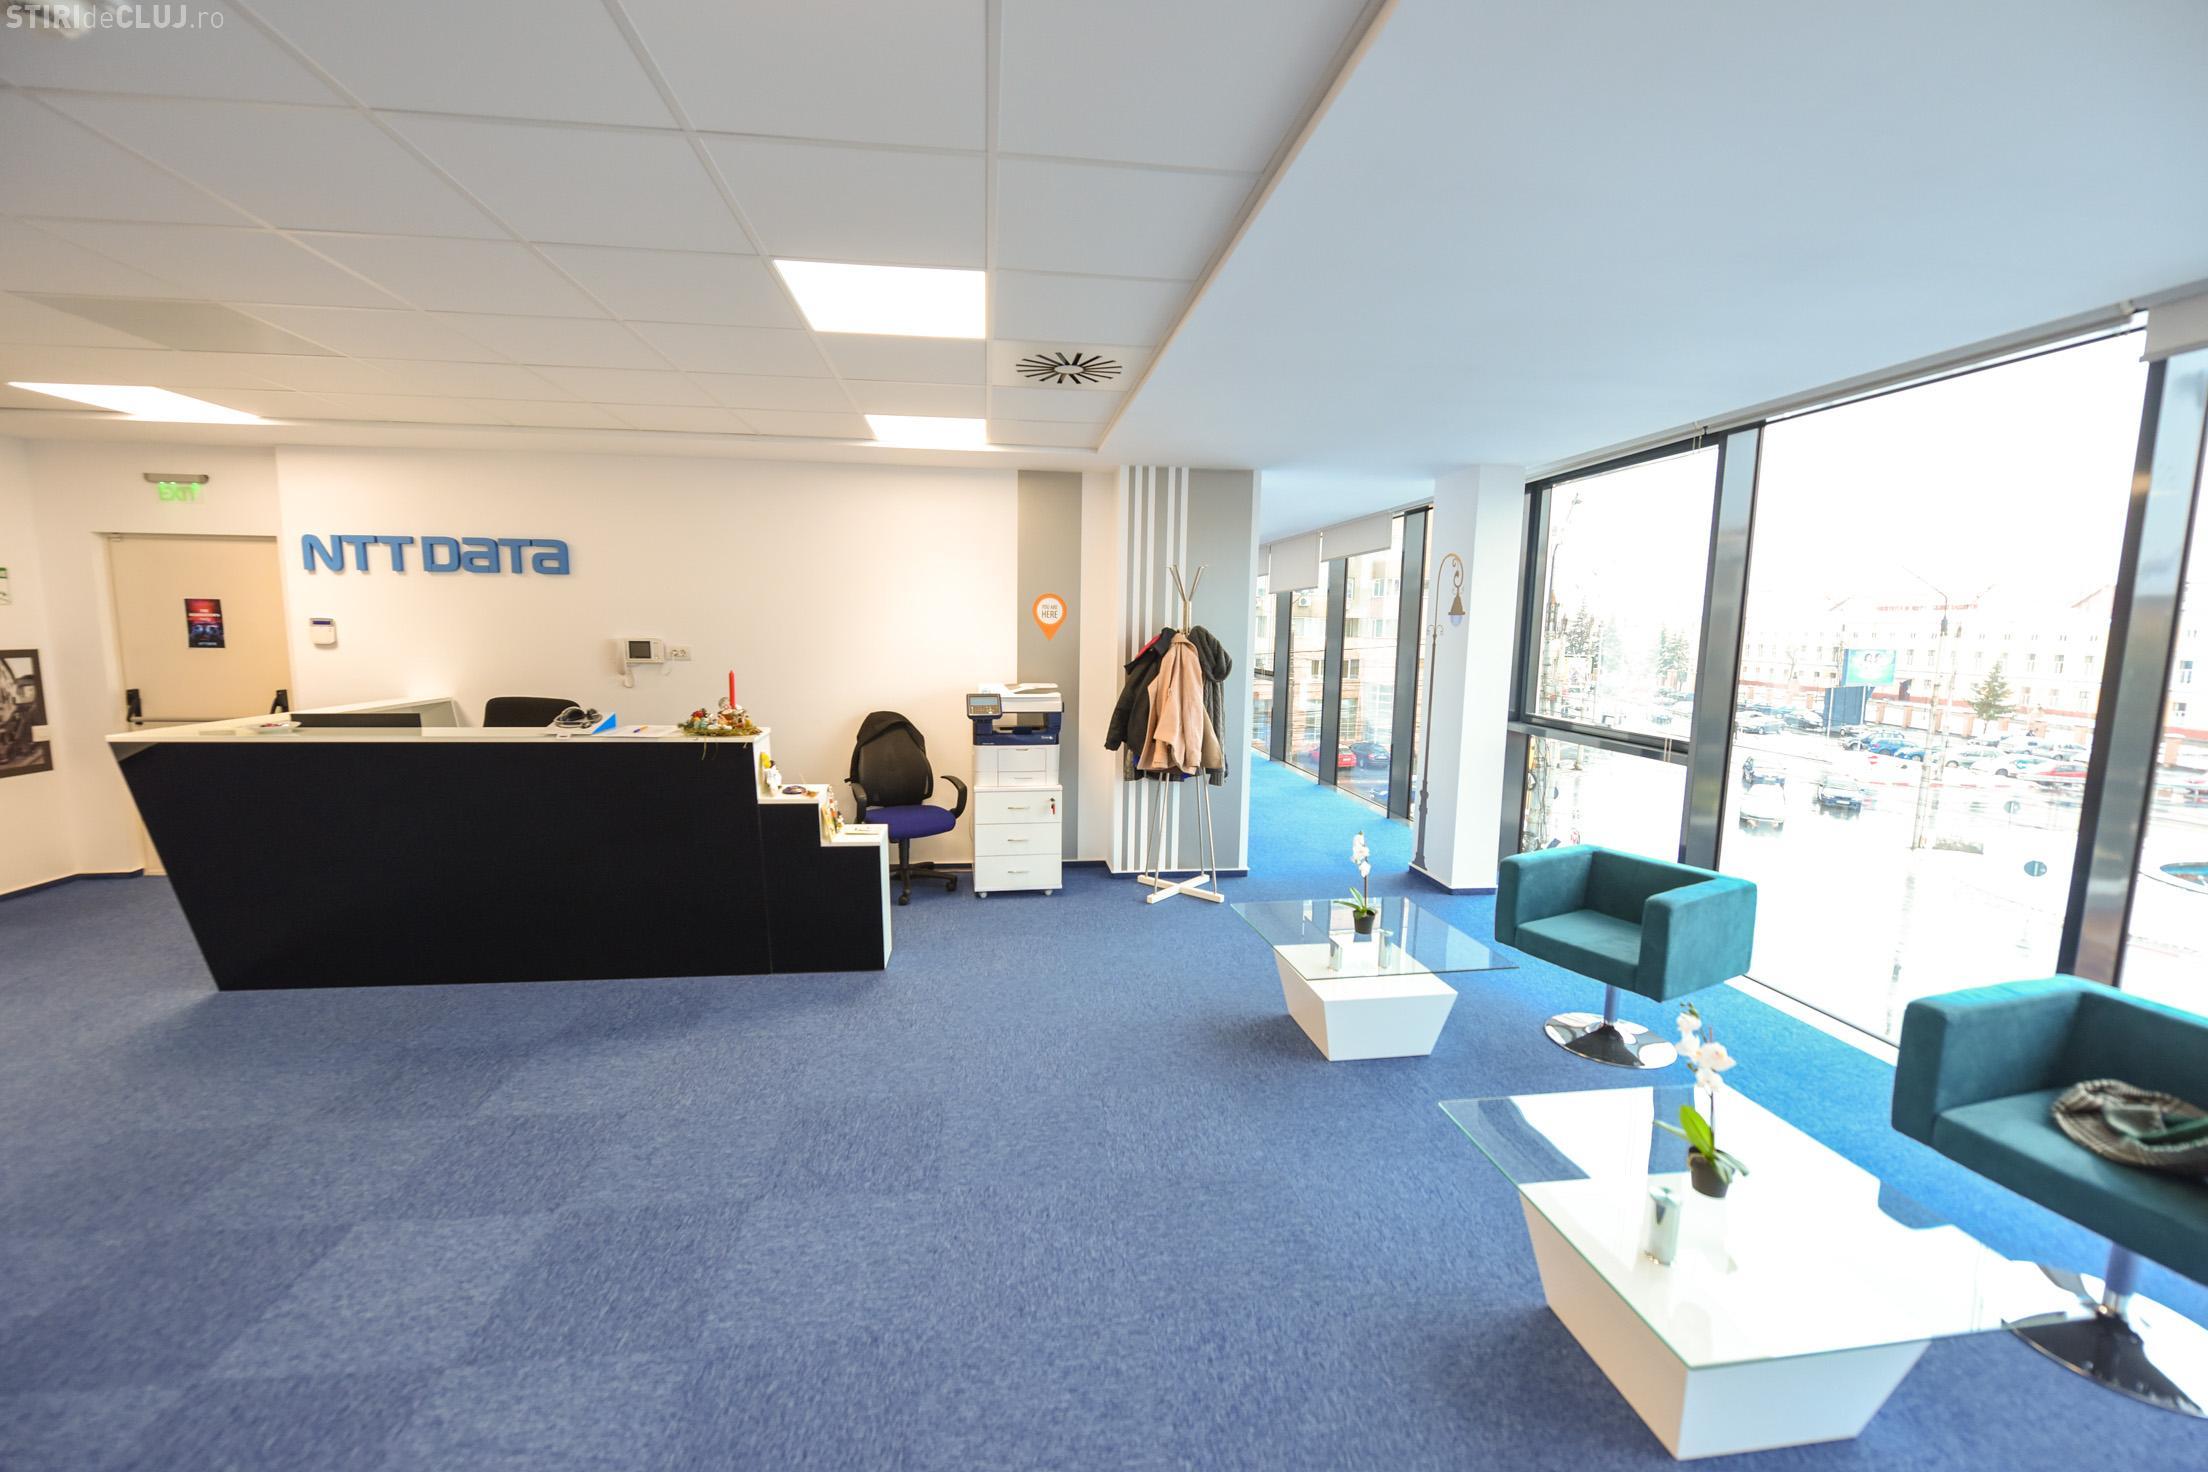 NTT DATA Romania își extinde activitatea într-un spațiu nou la Sibiu (P)